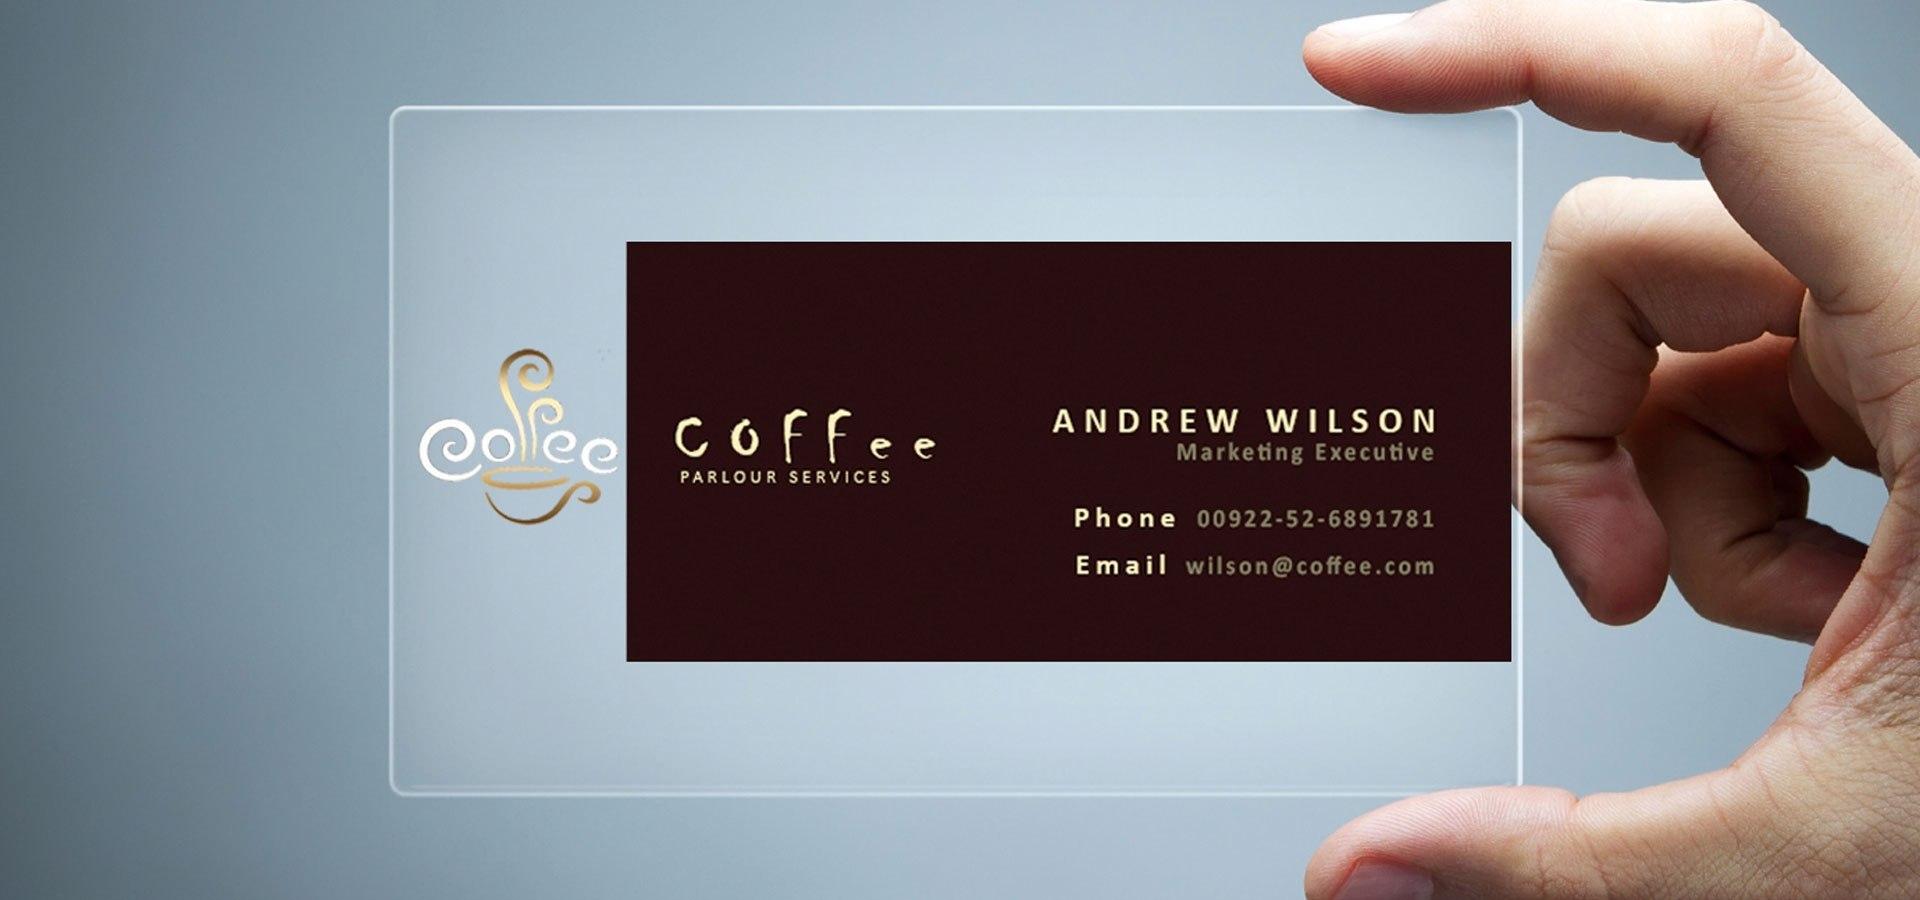 Transparent Business Card Templates  Illustrator Ms Word Regarding Transparent Business Cards Template